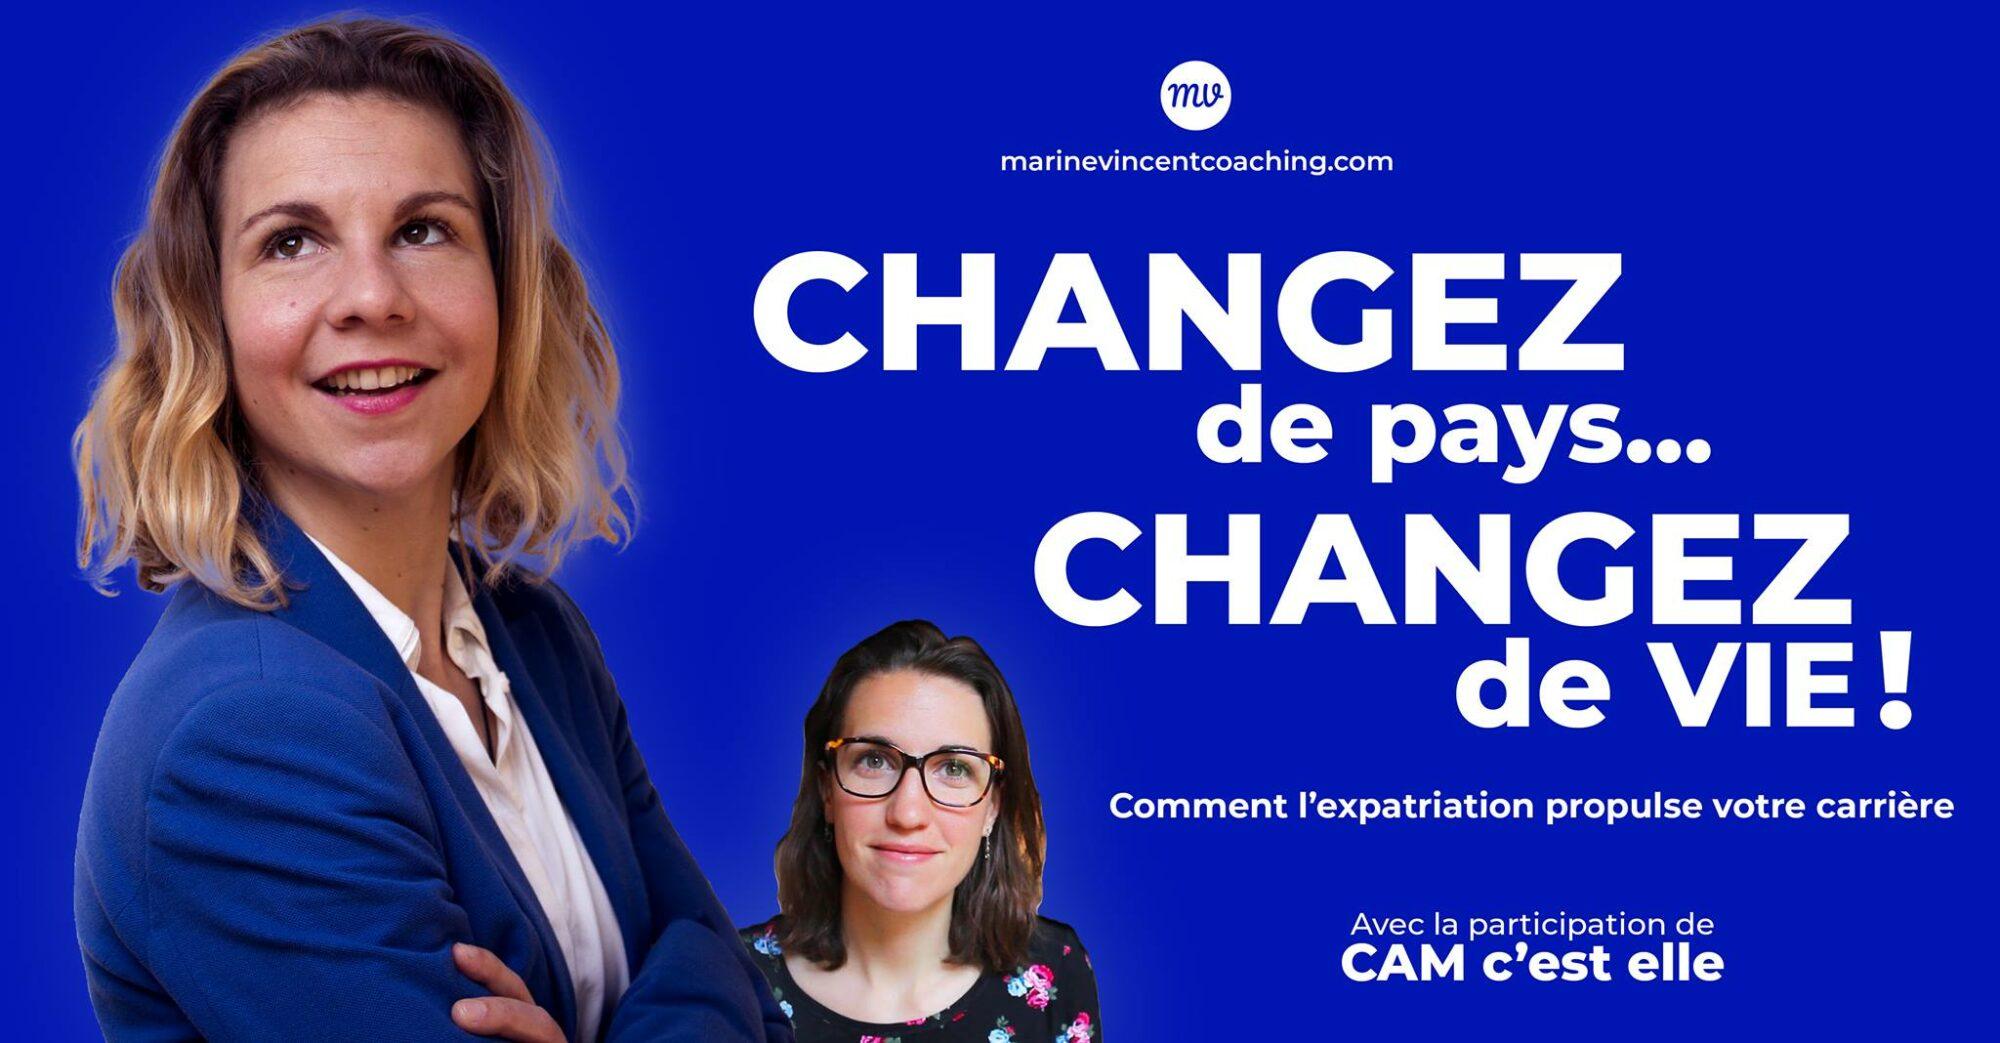 Oztudio - Changez de pays...changez de vie!